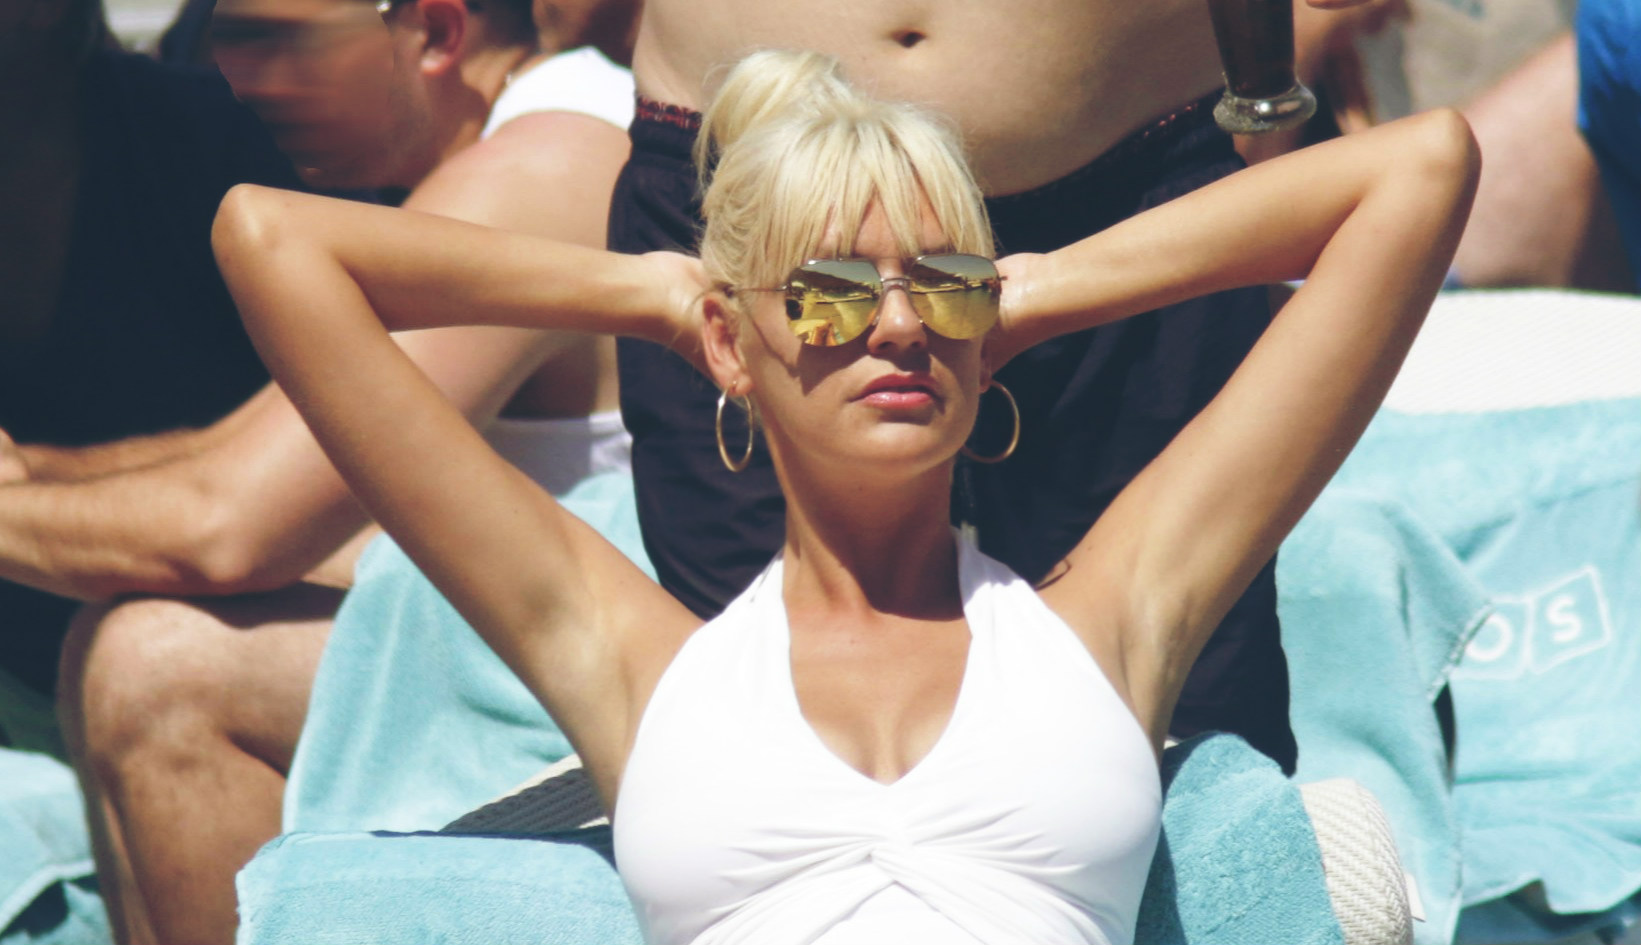 Παραλία, formal εμφάνιση ή βόλτα; Η Σάσα Σταμάτη σού έχει τη λύση: Ιχνογραφώντας το στυλ της από τα top 10 outfits της (pics)